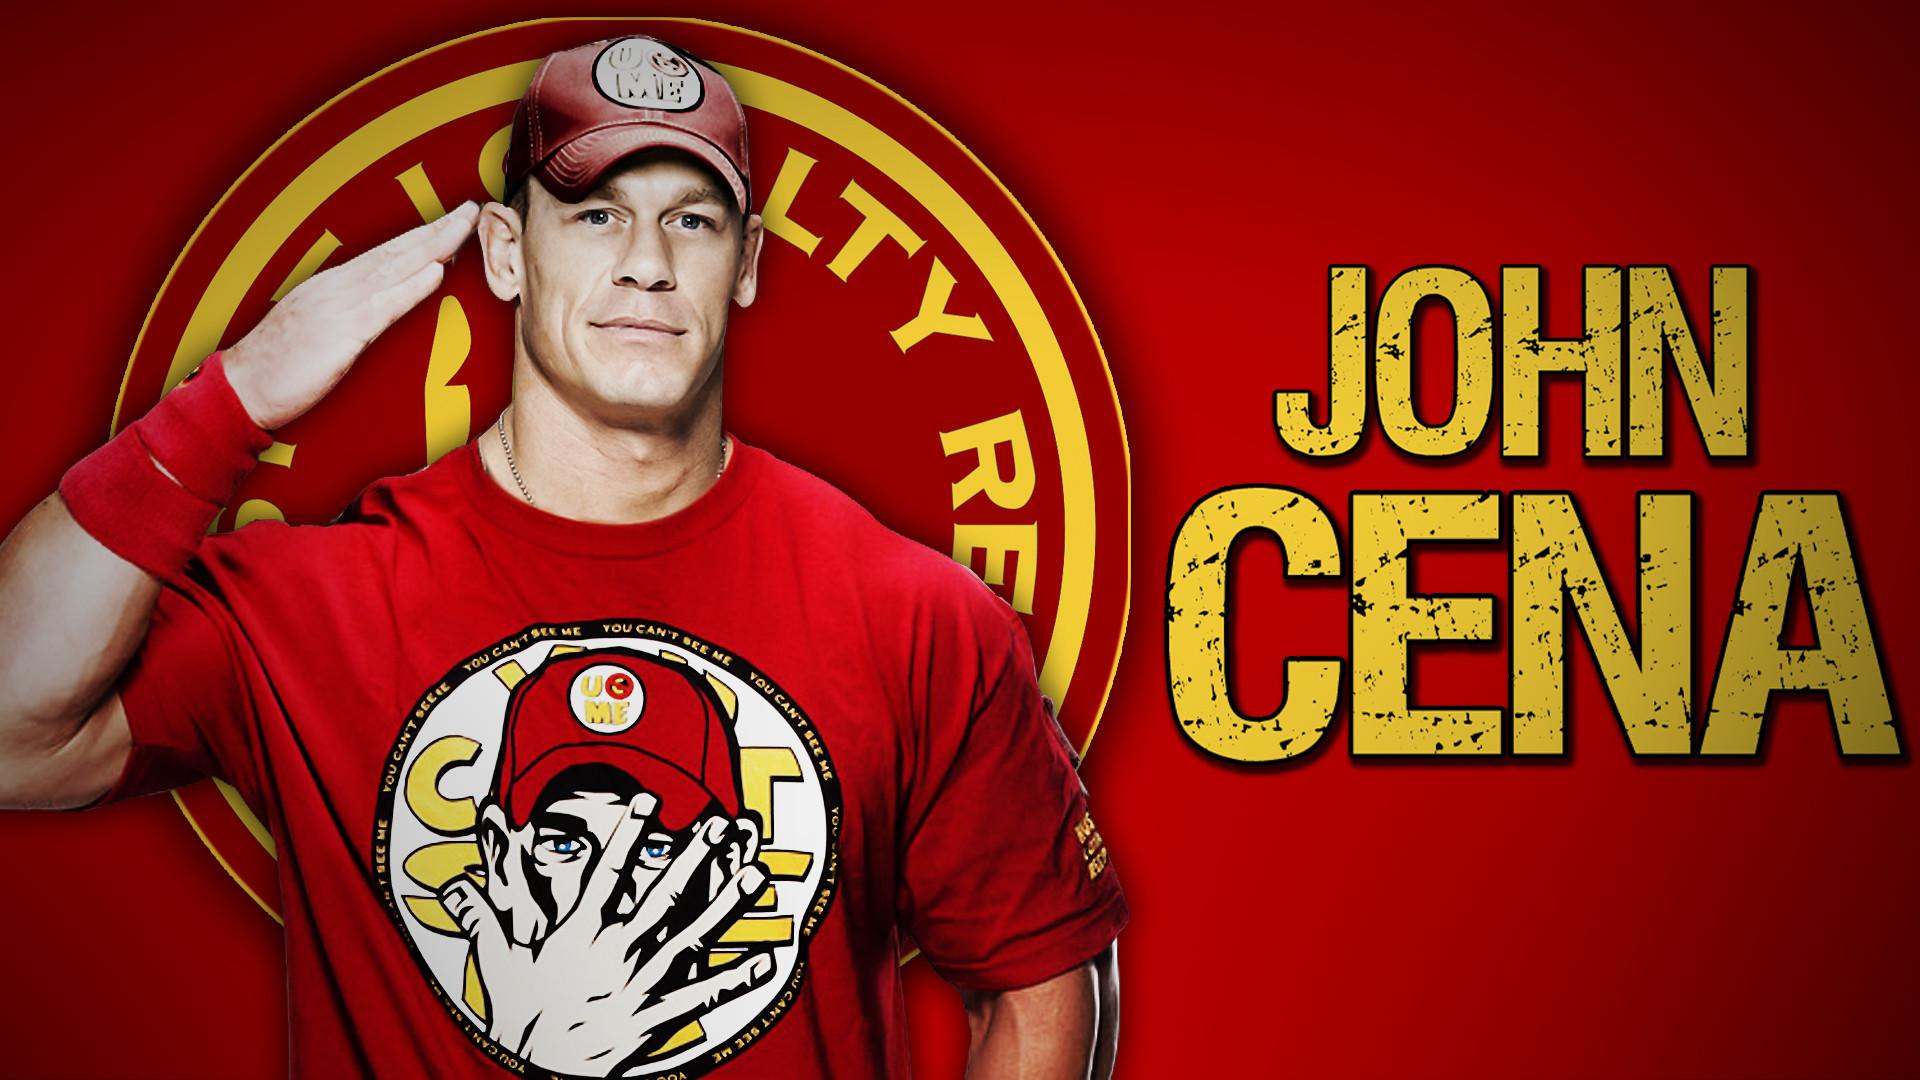 John Cena Red Tshirt Wallpaper